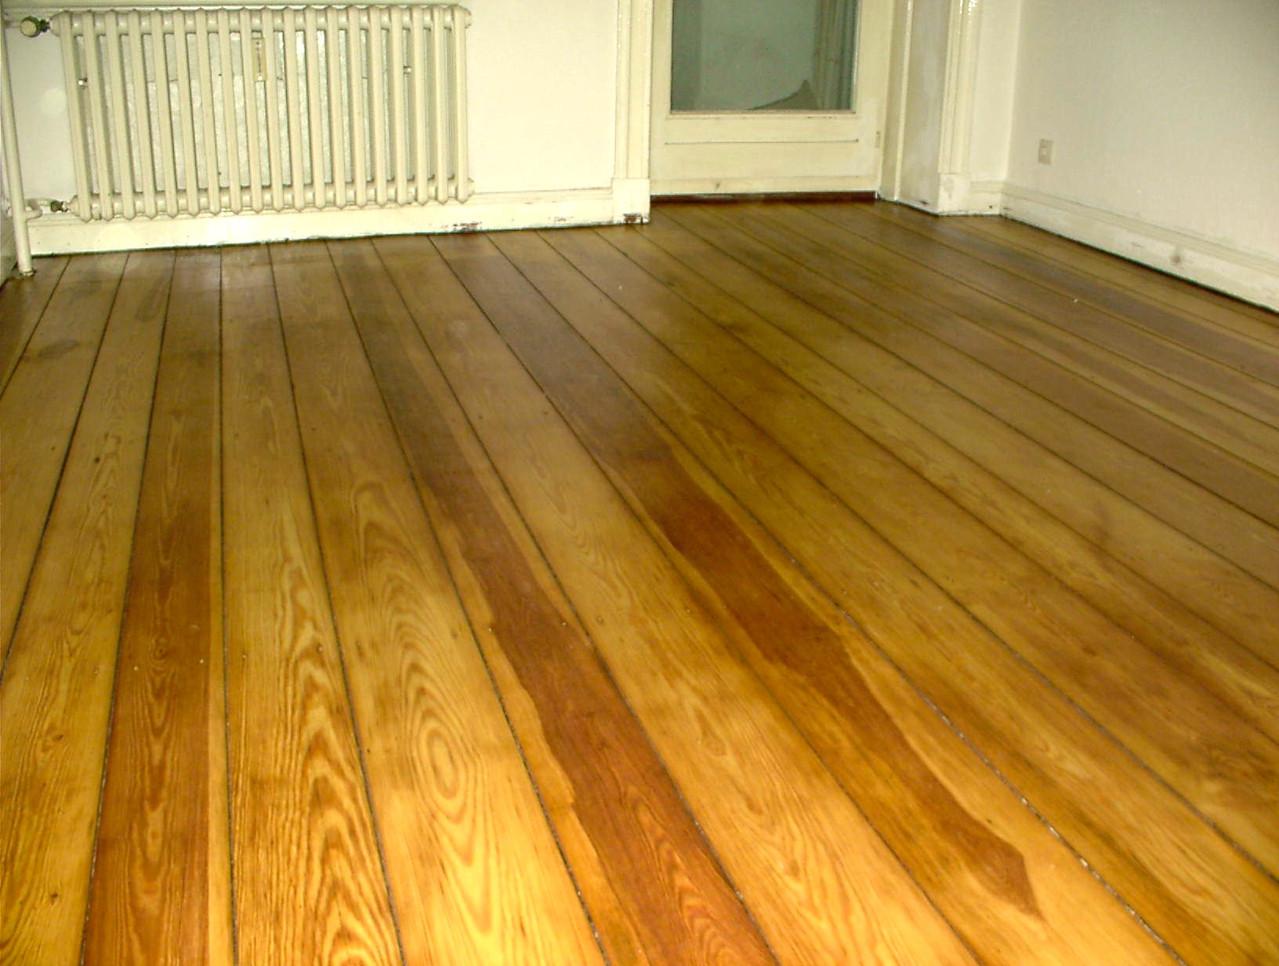 Holzfußboden Schleifen Und Versiegeln ~ Dielen parkett schleifen rostock dielen parkett schleifen